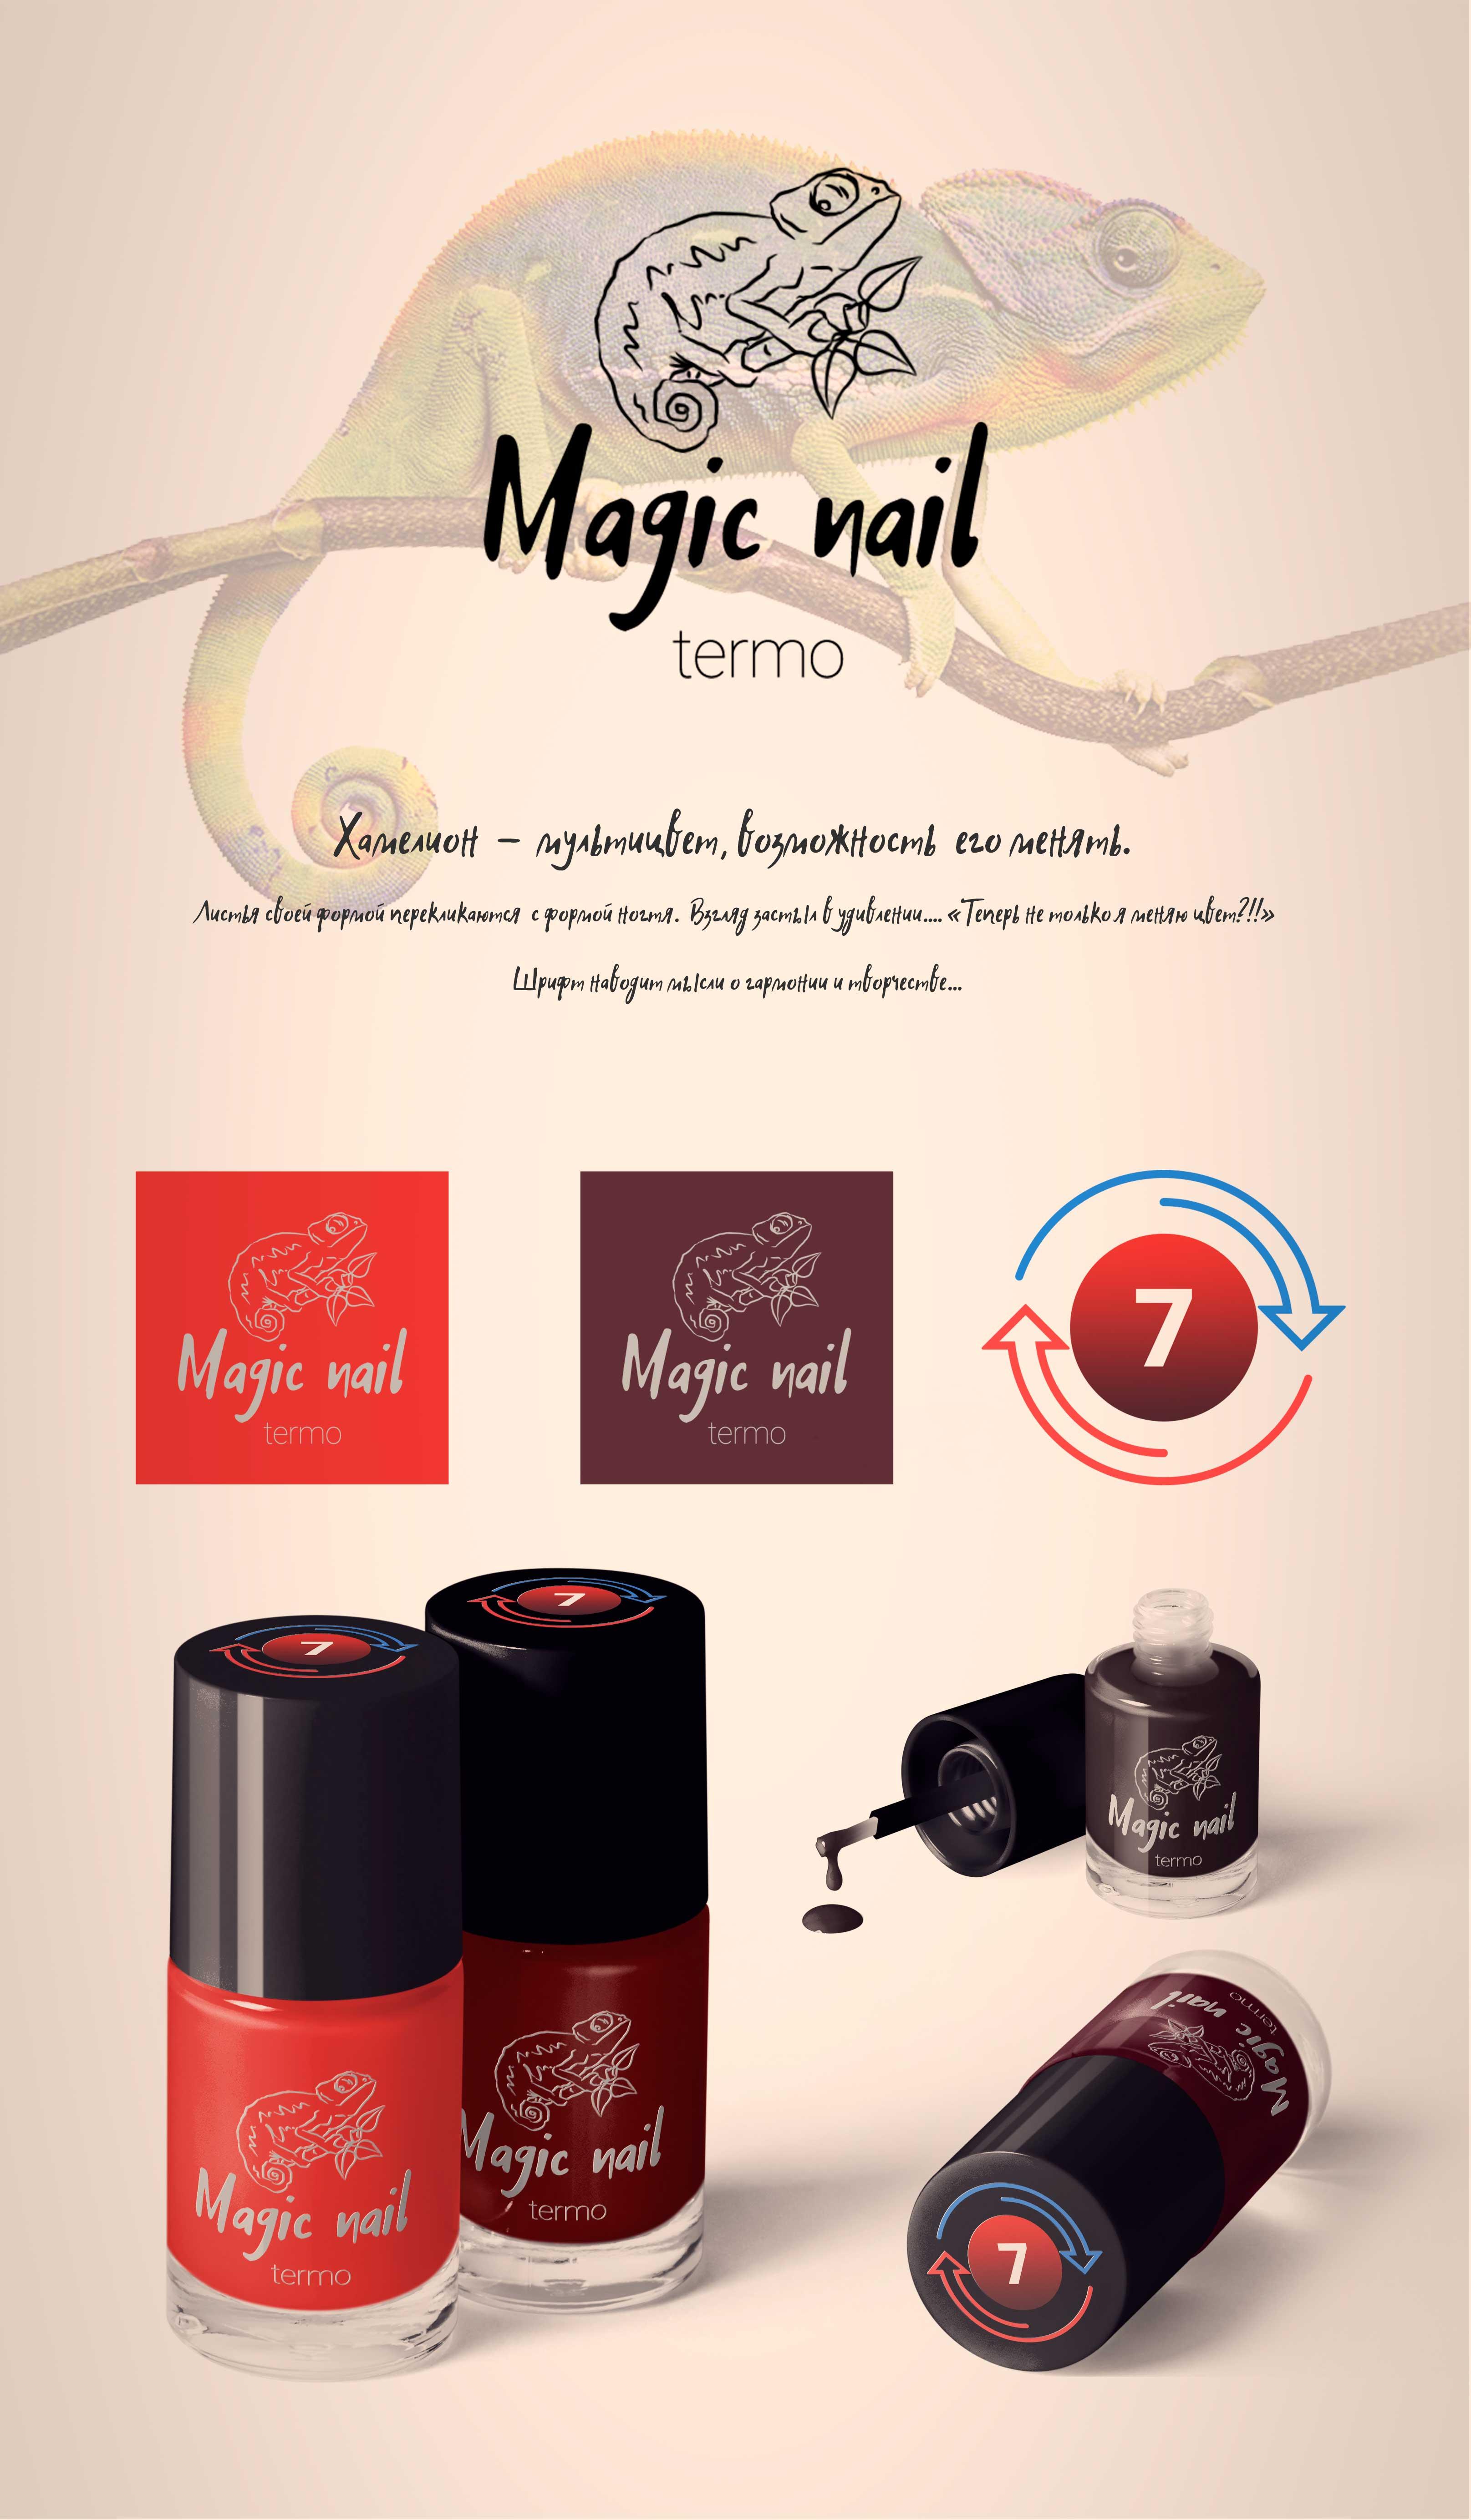 Дизайн этикетки лака для ногтей и логотип! фото f_6065a11320d16d52.jpg